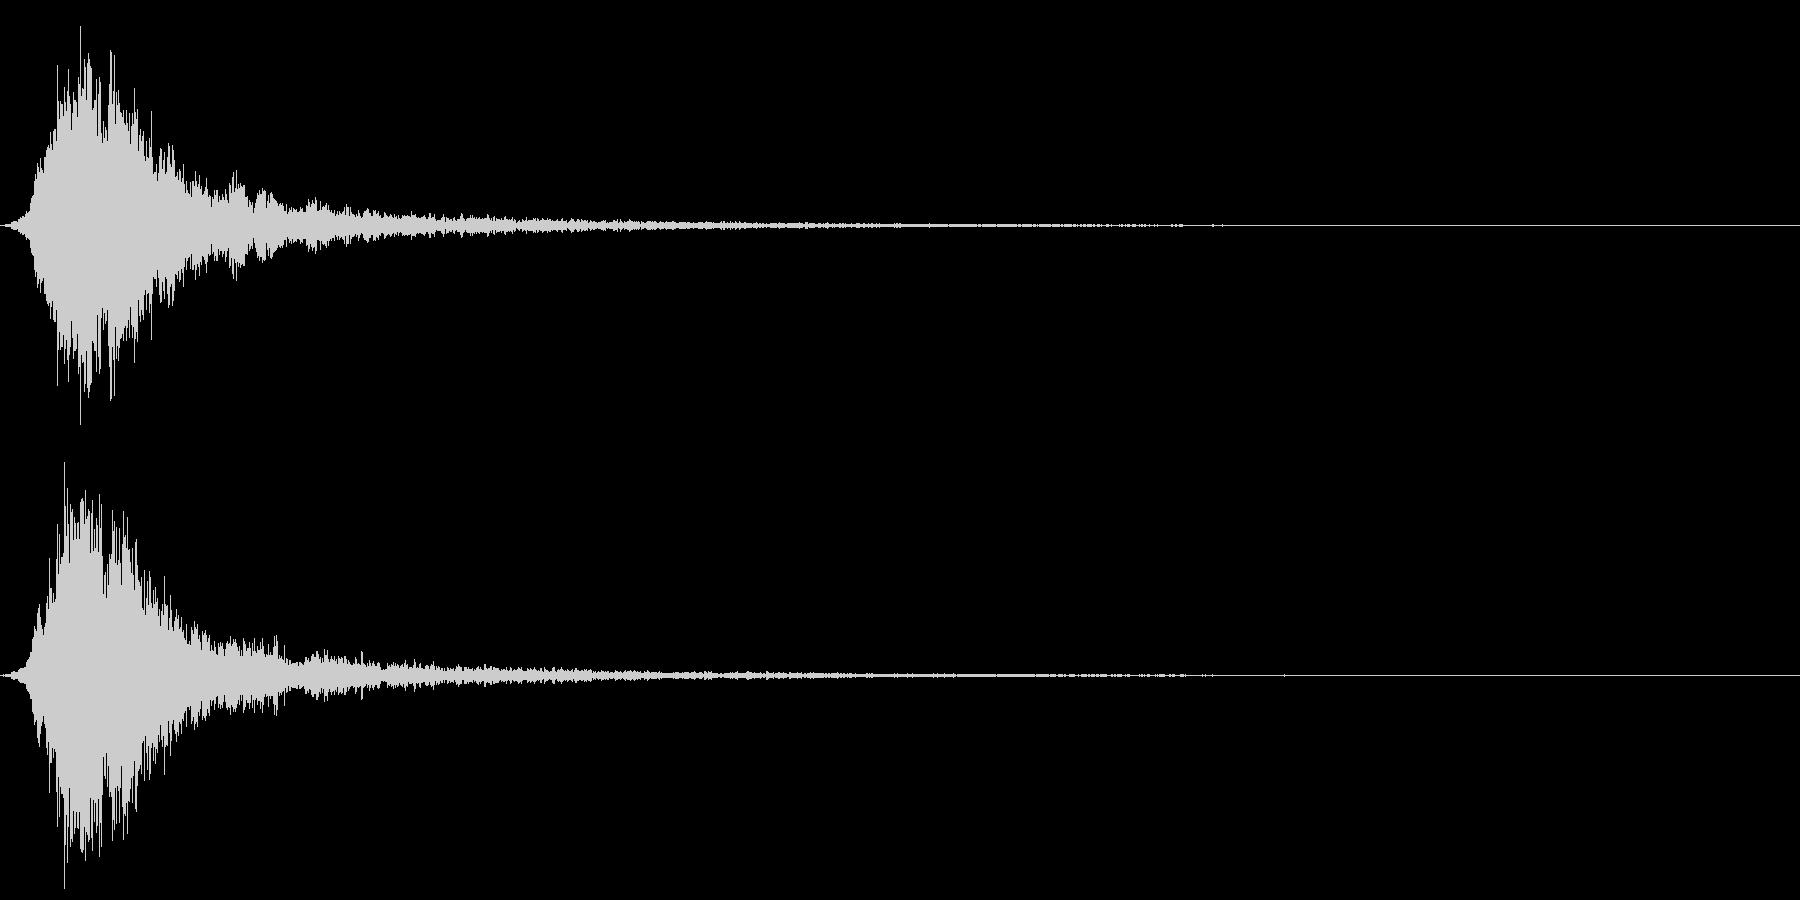 和風「シャーン」神楽鈴の単音+リバーブの未再生の波形